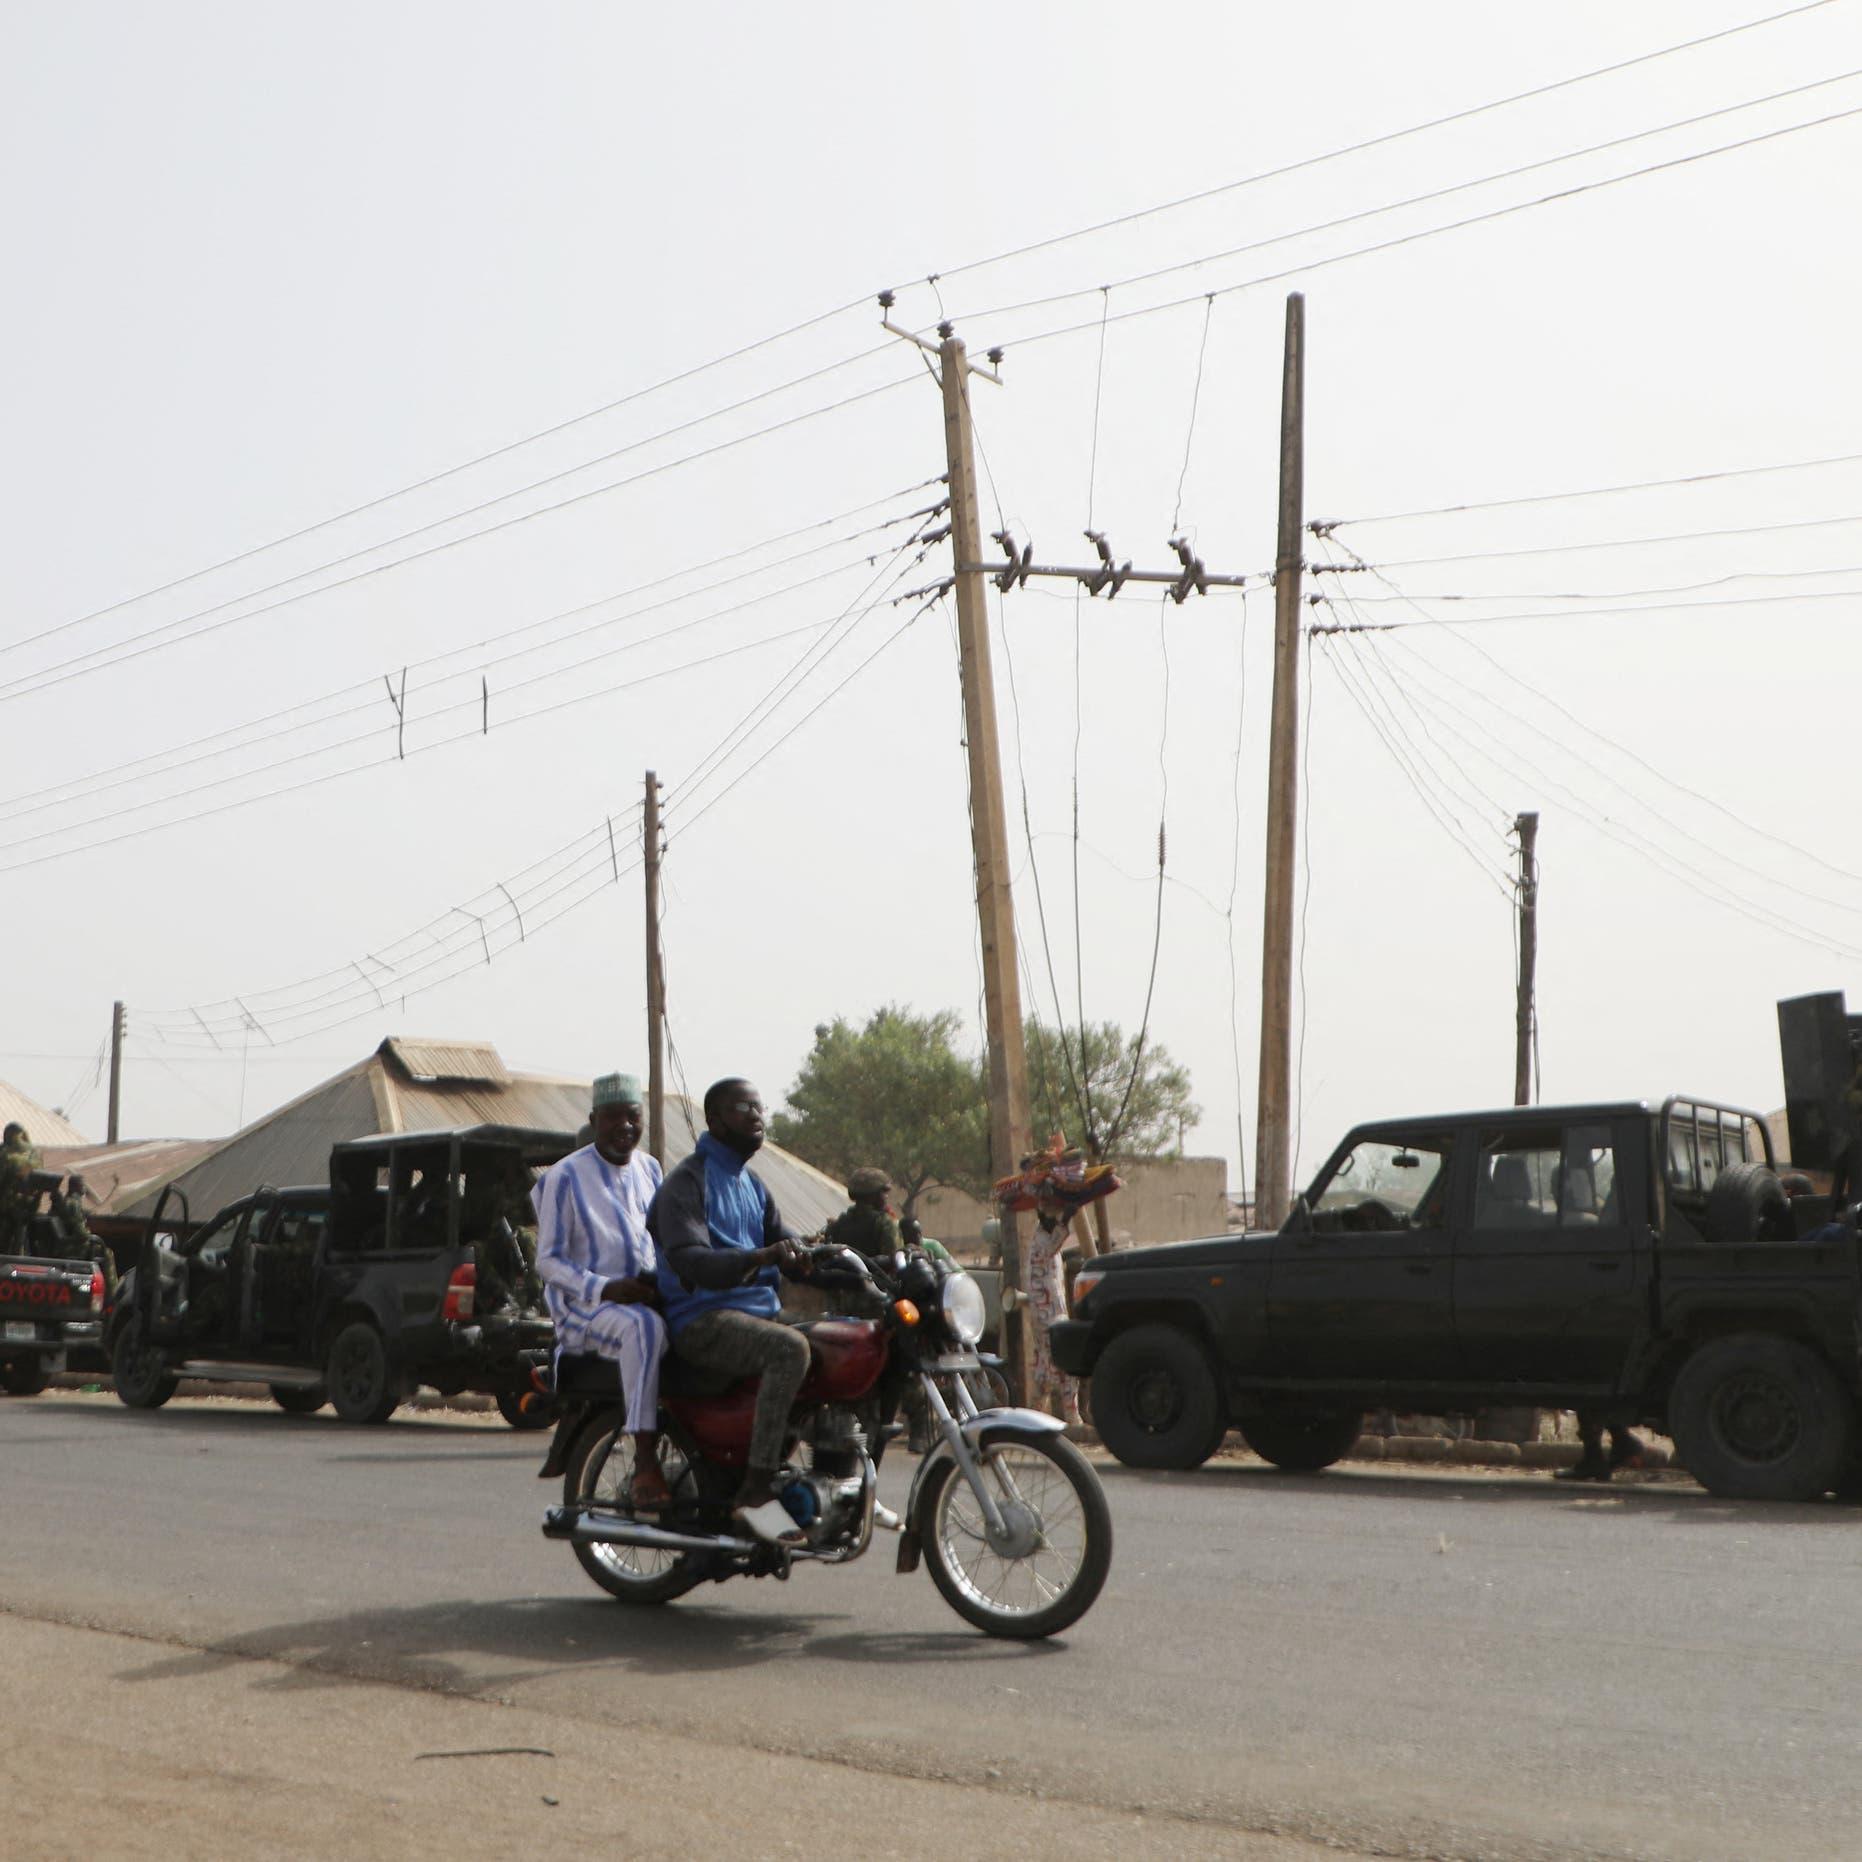 بوكو حرام تتوسع في نيجيريا وتدخل إقليماً حدودياً مع العاصمة